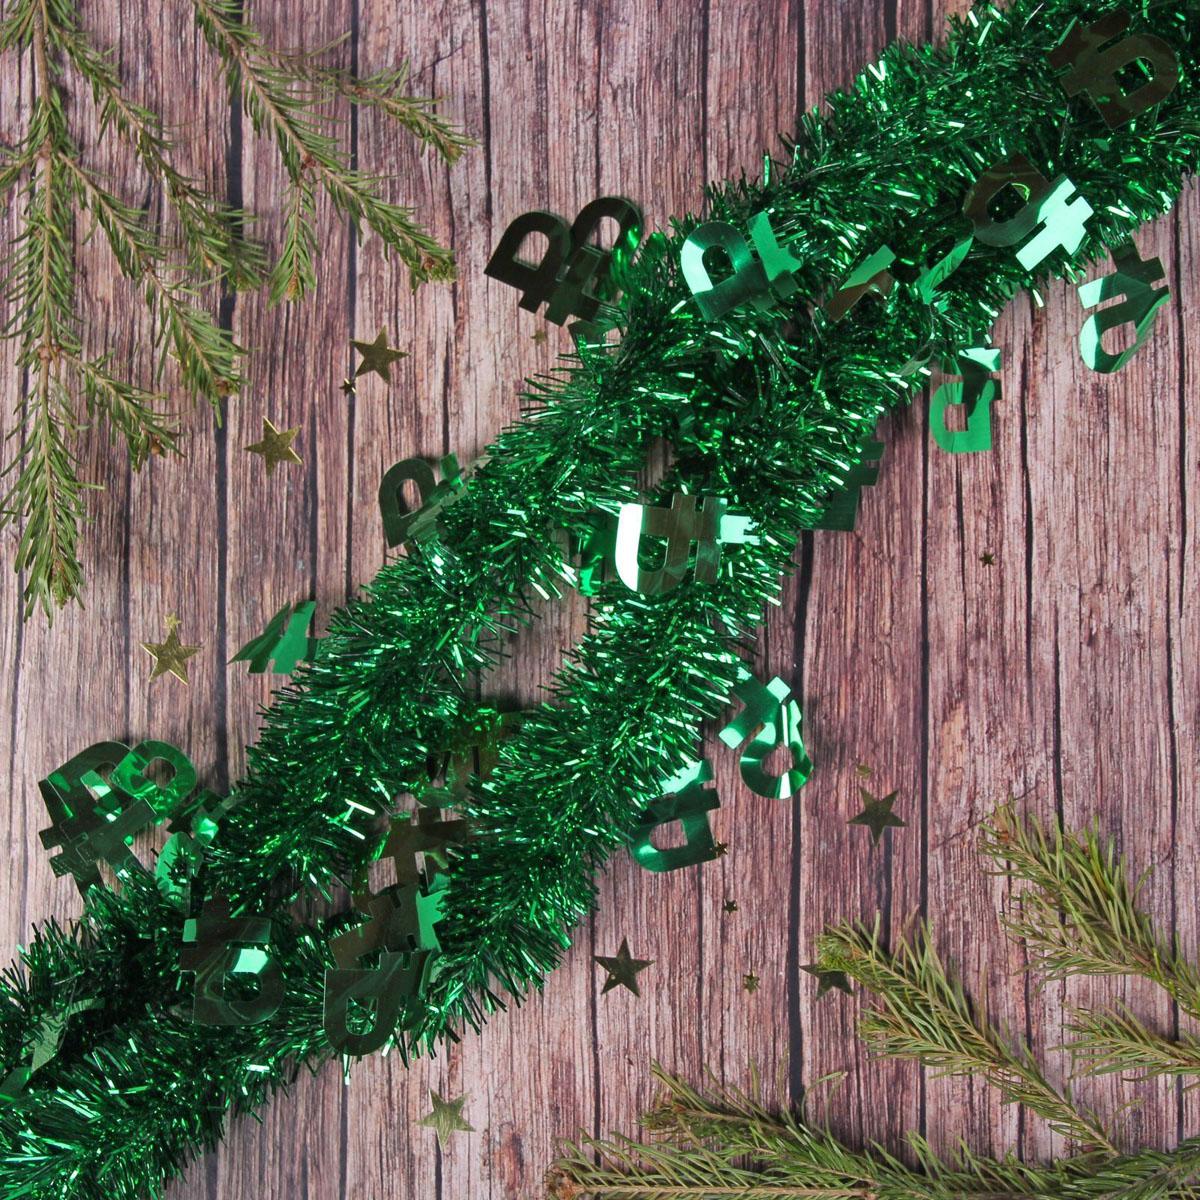 Мишура новогодняя Sima-land Рубль, цвет: зеленый, диаметр 5 см, длина 2 м. 23176422317642Мишура новогодняя Sima-land, выполненная из фольги с фигурками, поможет вам украсить свой дом к предстоящим праздникам. Новогодней мишурой можно украсить все, что угодно - елку, квартиру, дачу, офис - как внутри, так и снаружи. Можно сложить новогодние поздравления, буквы и цифры, мишурой можно украсить и дополнить гирлянды, можно выделить дверные колонны, оплести дверные проемы. Мишура принесет в ваш дом ни с чем несравнимое ощущение праздника! Создайте в своем доме атмосферу тепла, веселья и радости, украшая его всей семьей.